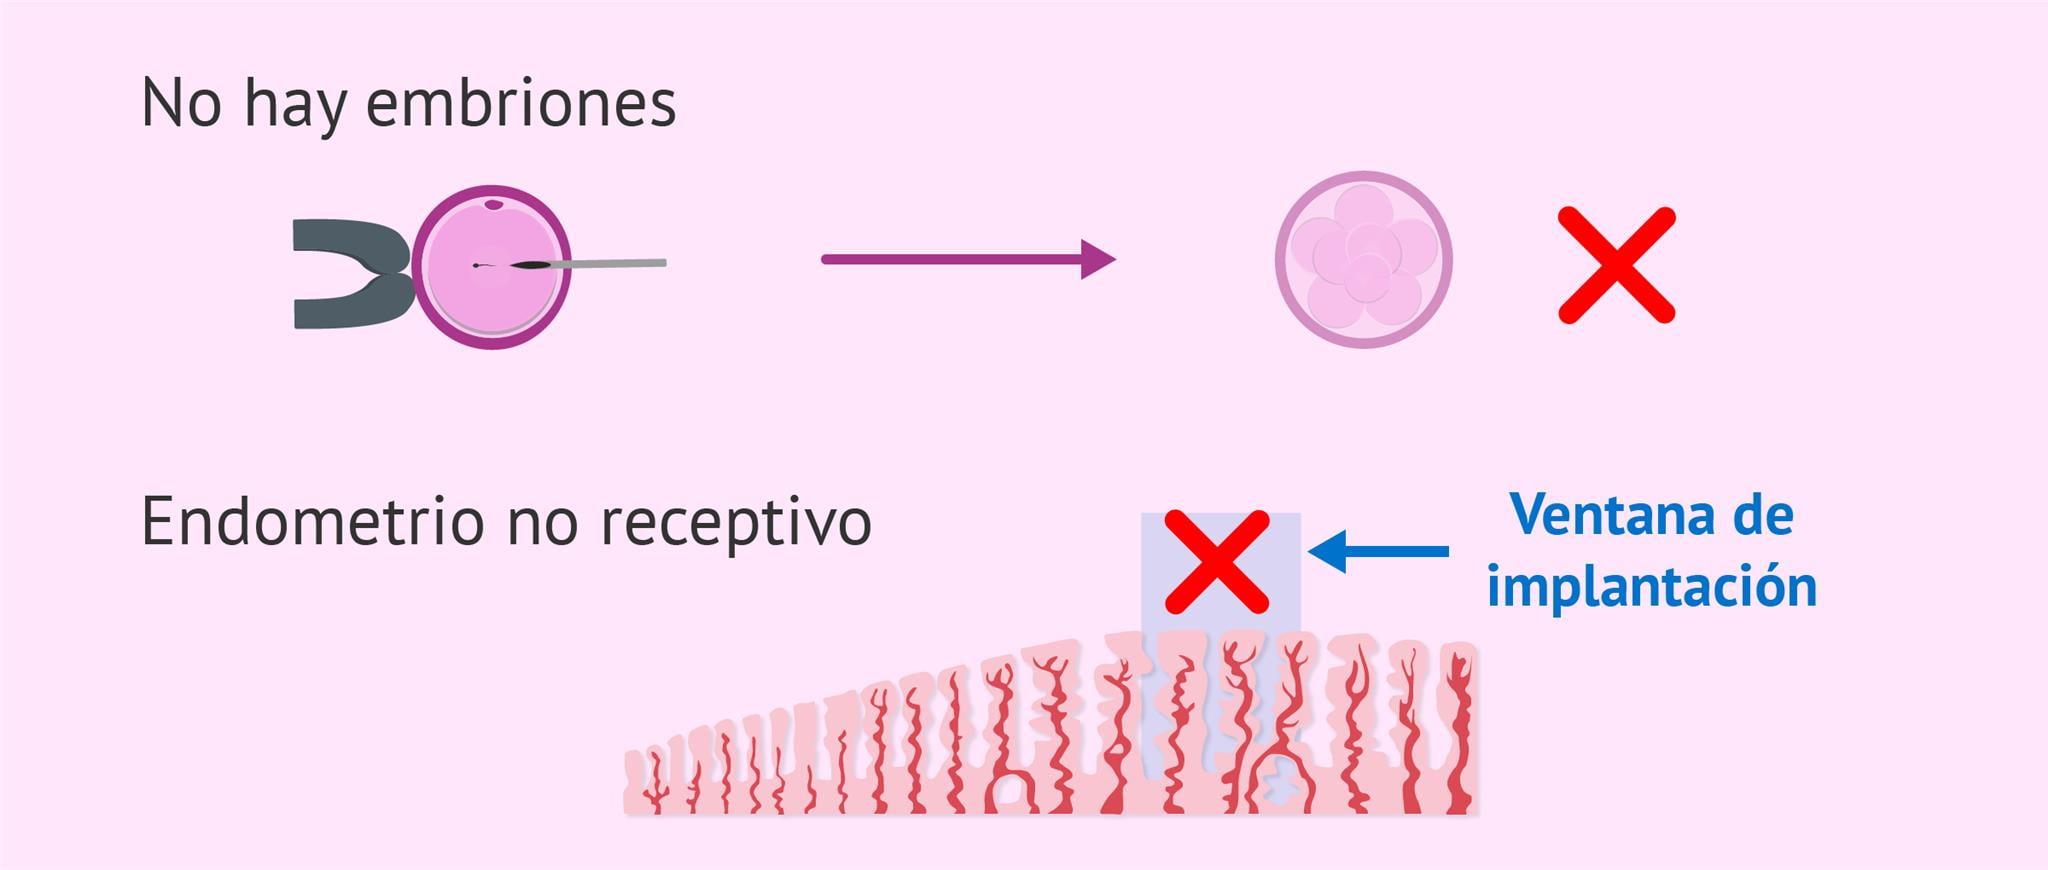 Cancelación de la transferencia de embriones